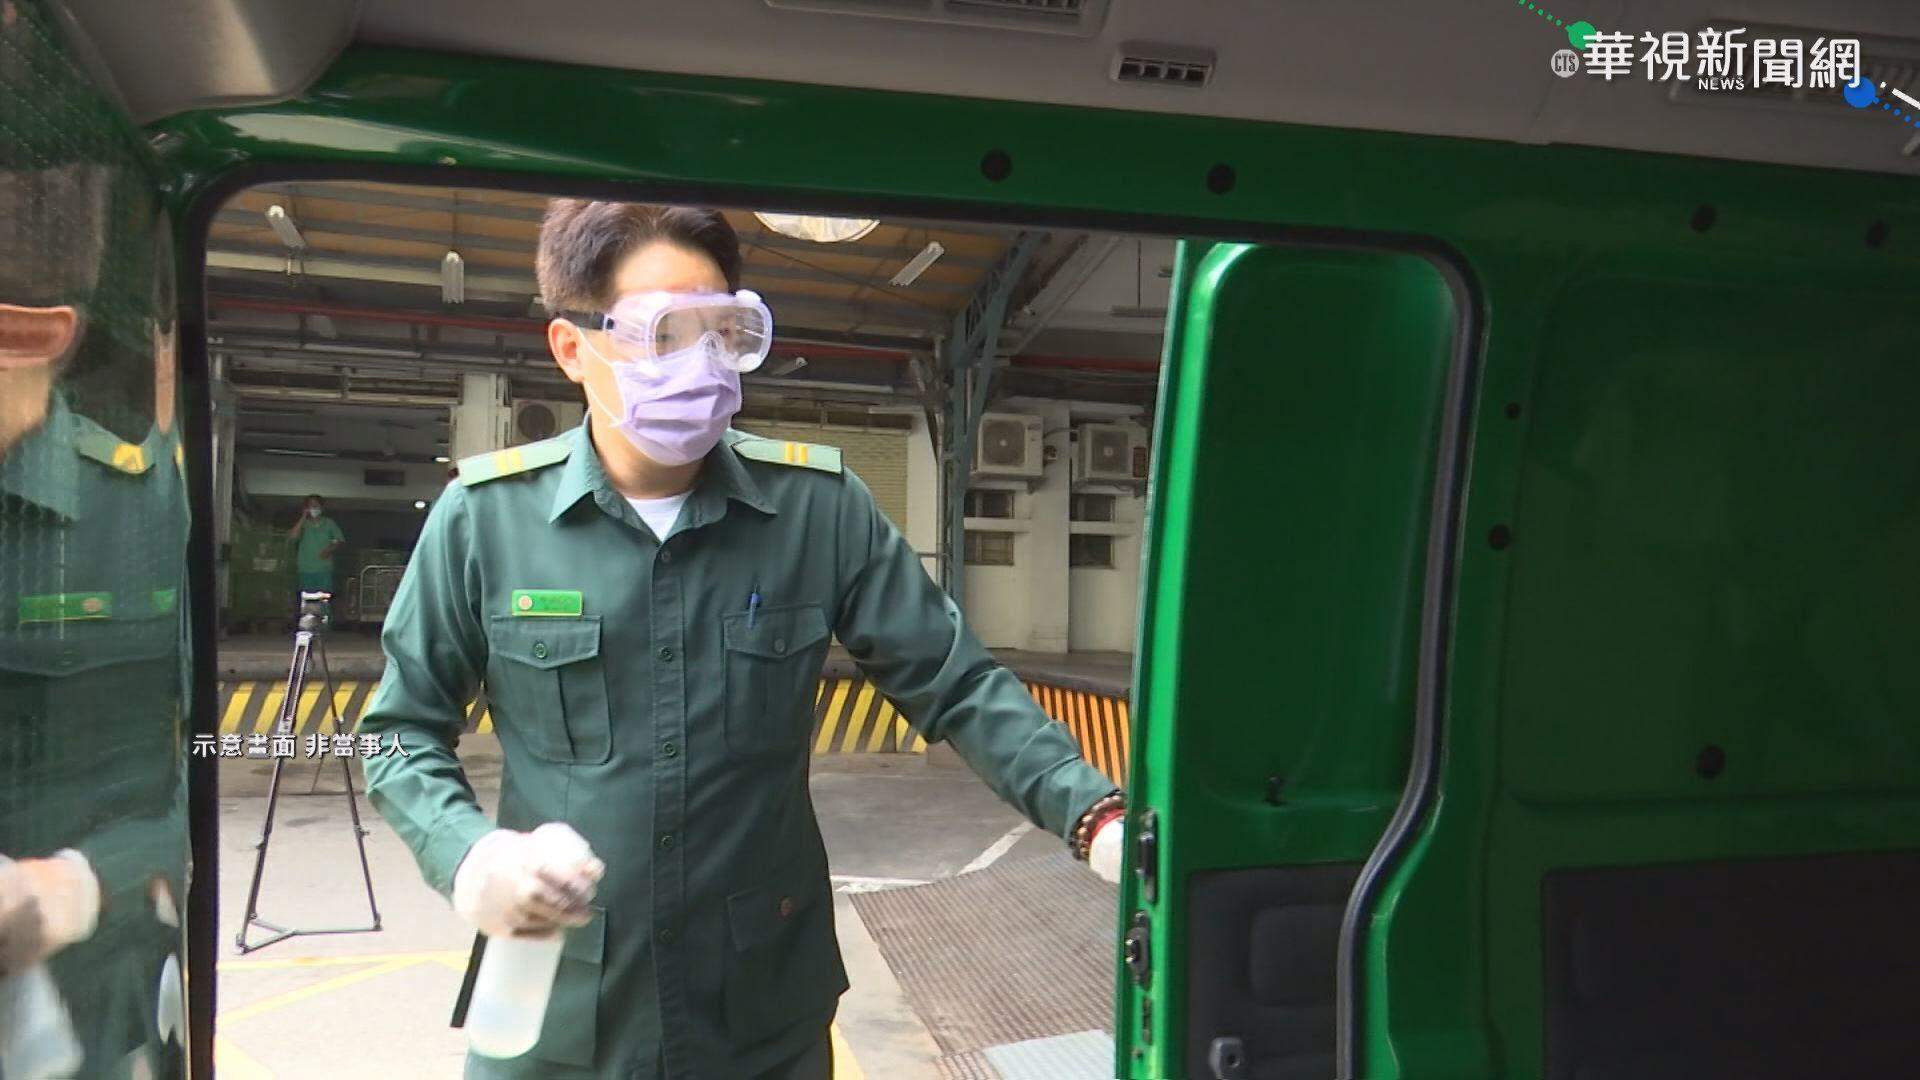 台北郵局一內勤確診 匡列6人今篩檢